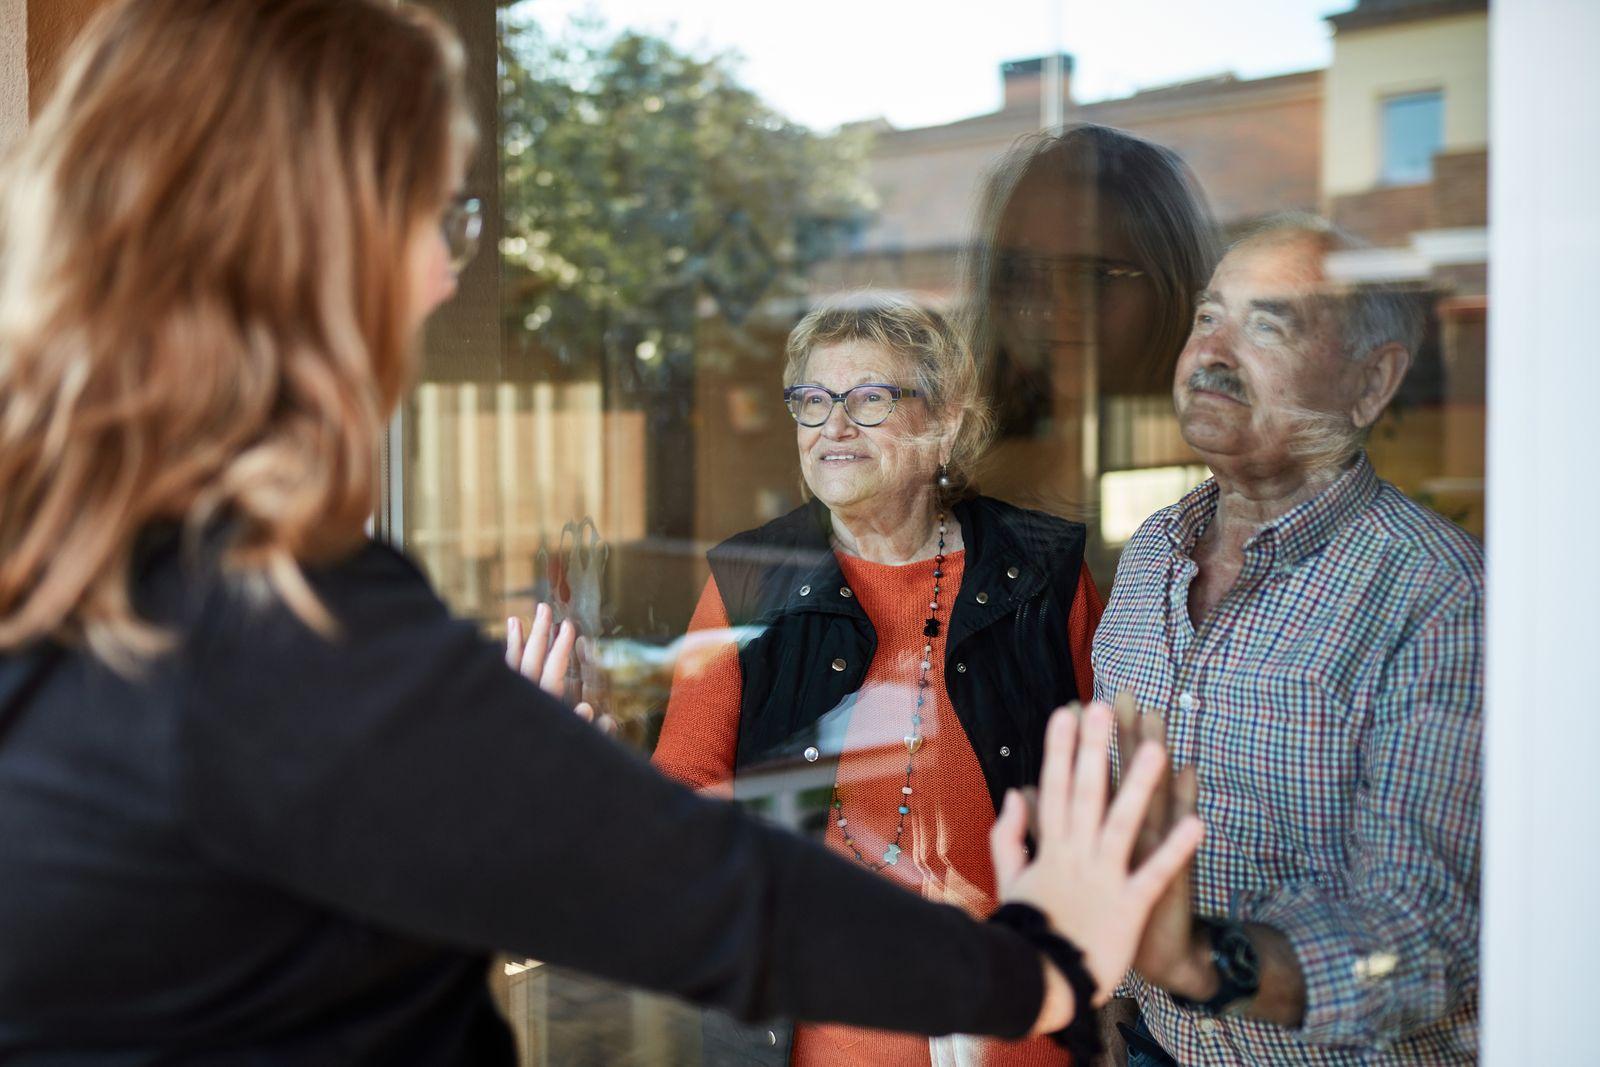 Granddaughter visiting grandparents during pandemic